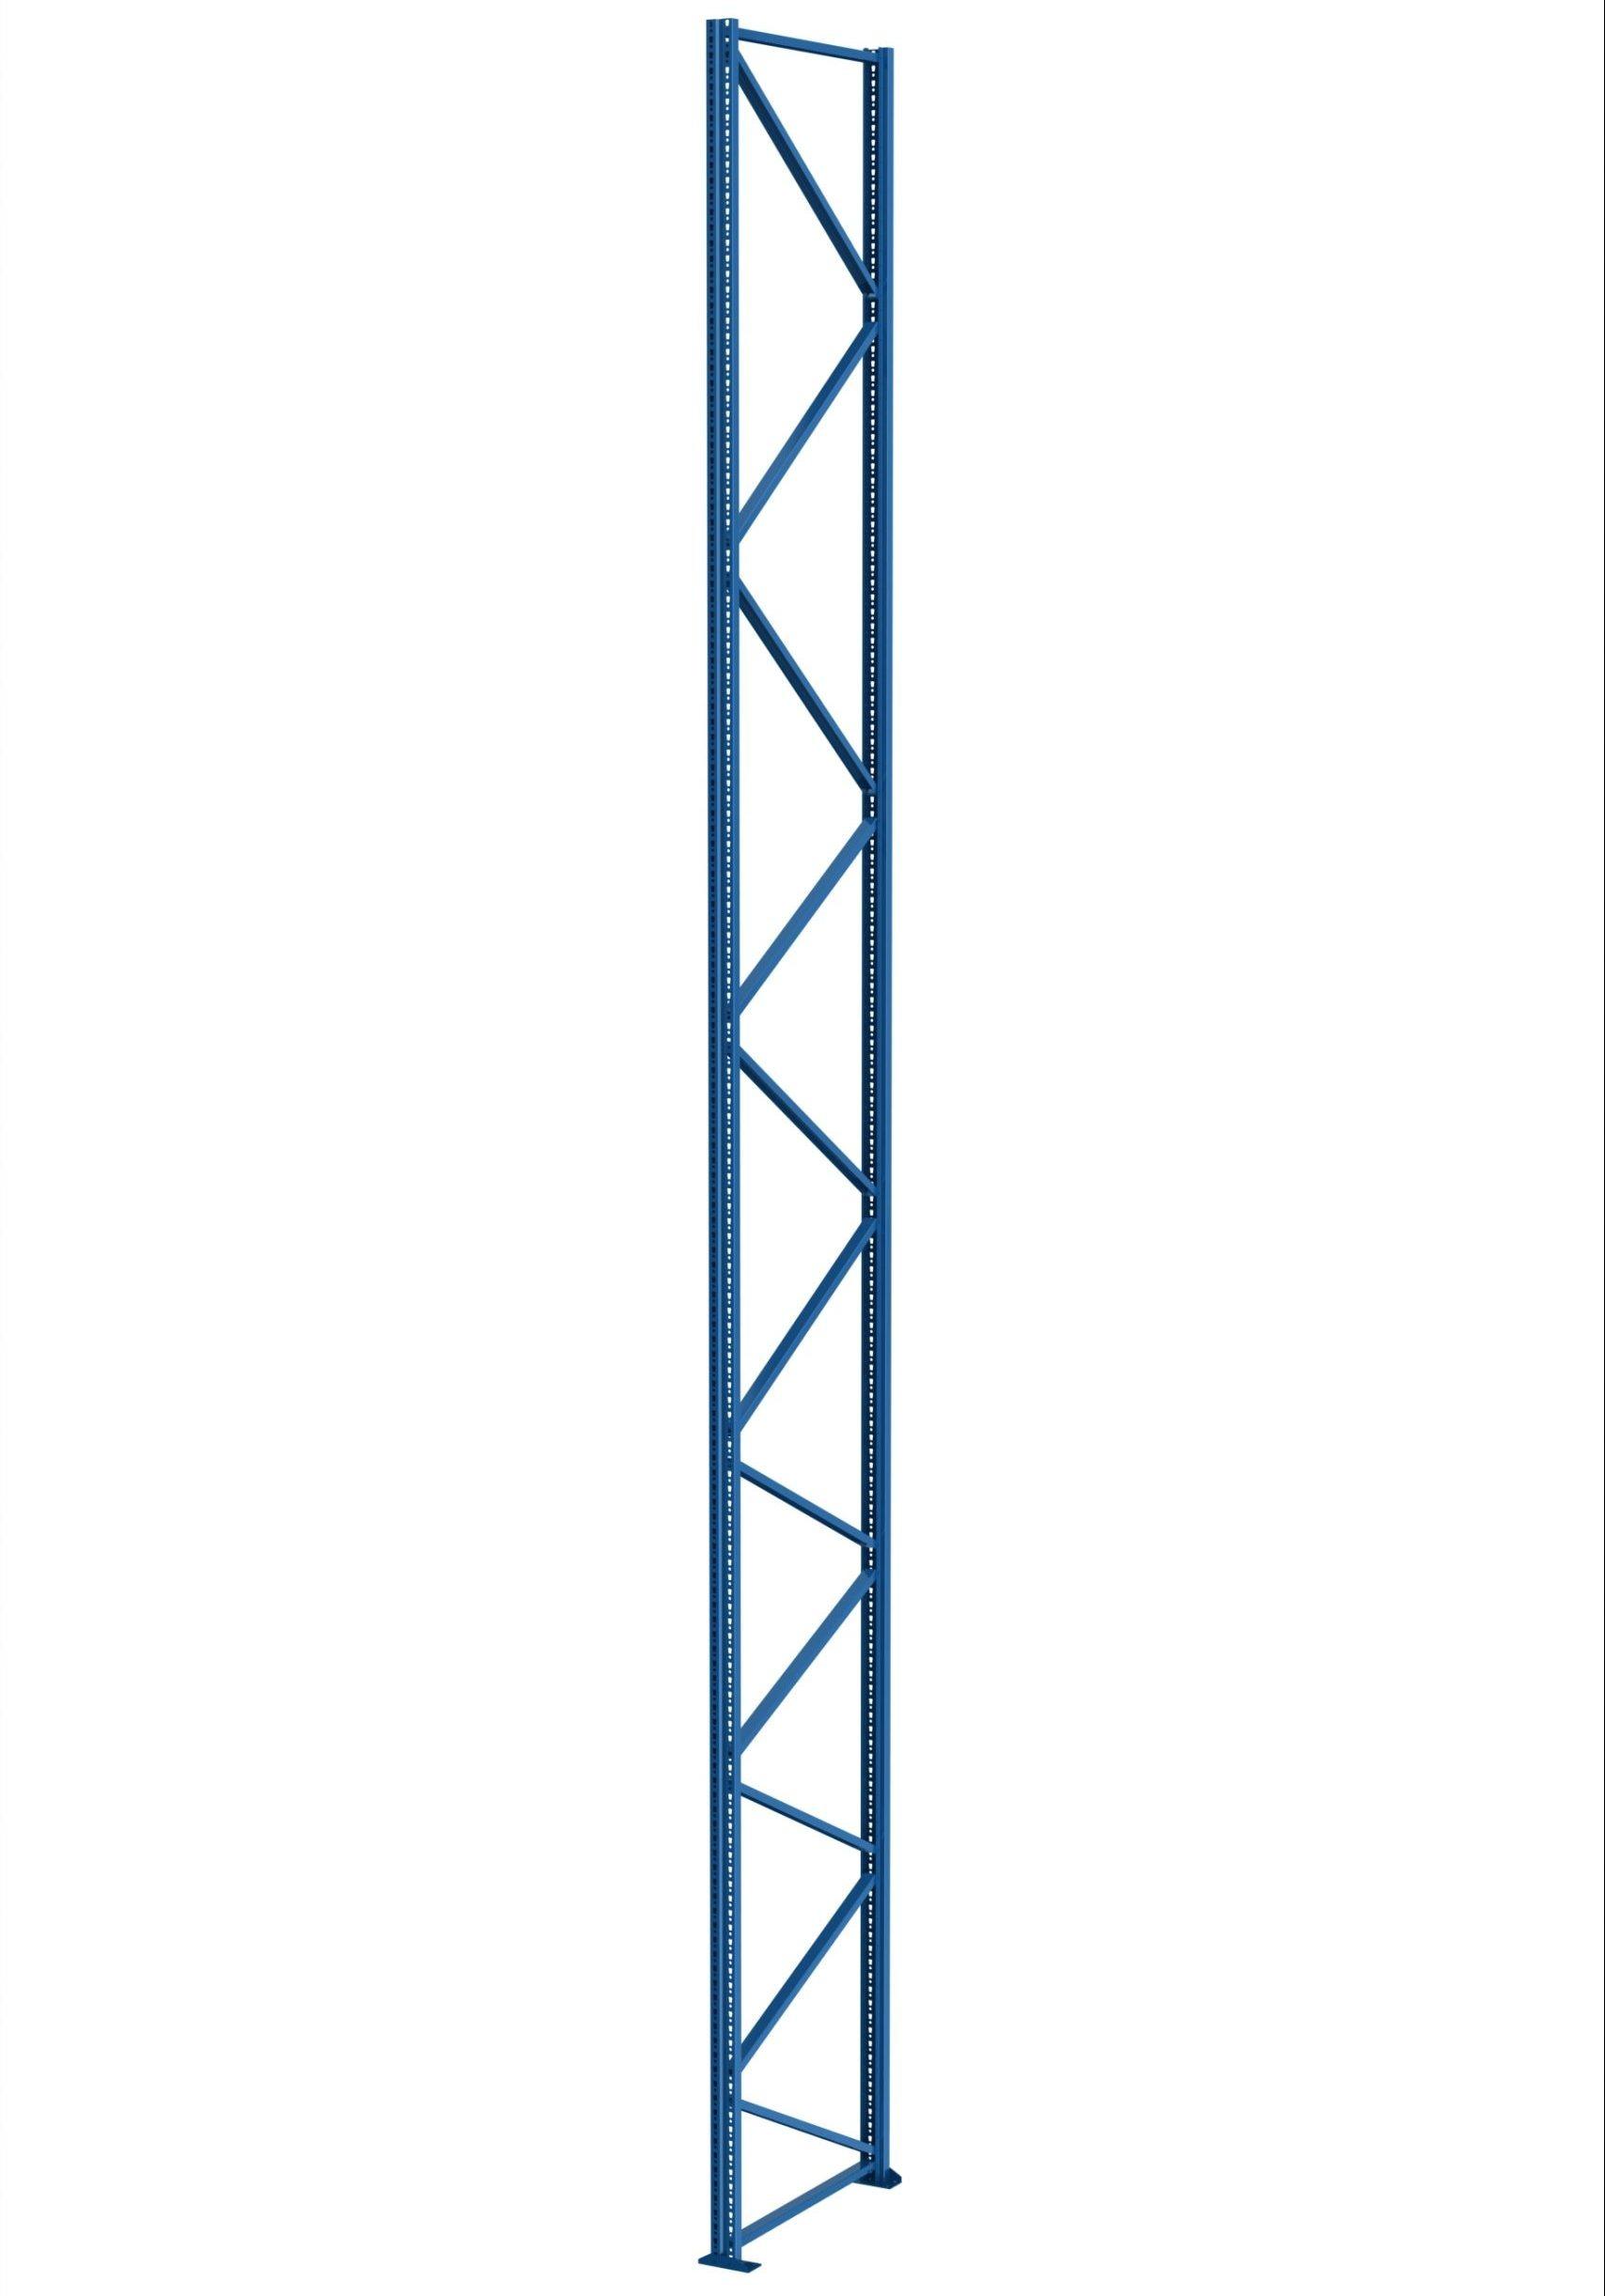 NEDCON Set Ständerrahmen Modell 10068204050 Höhe 7500 mm, Tiefe 1100 mm